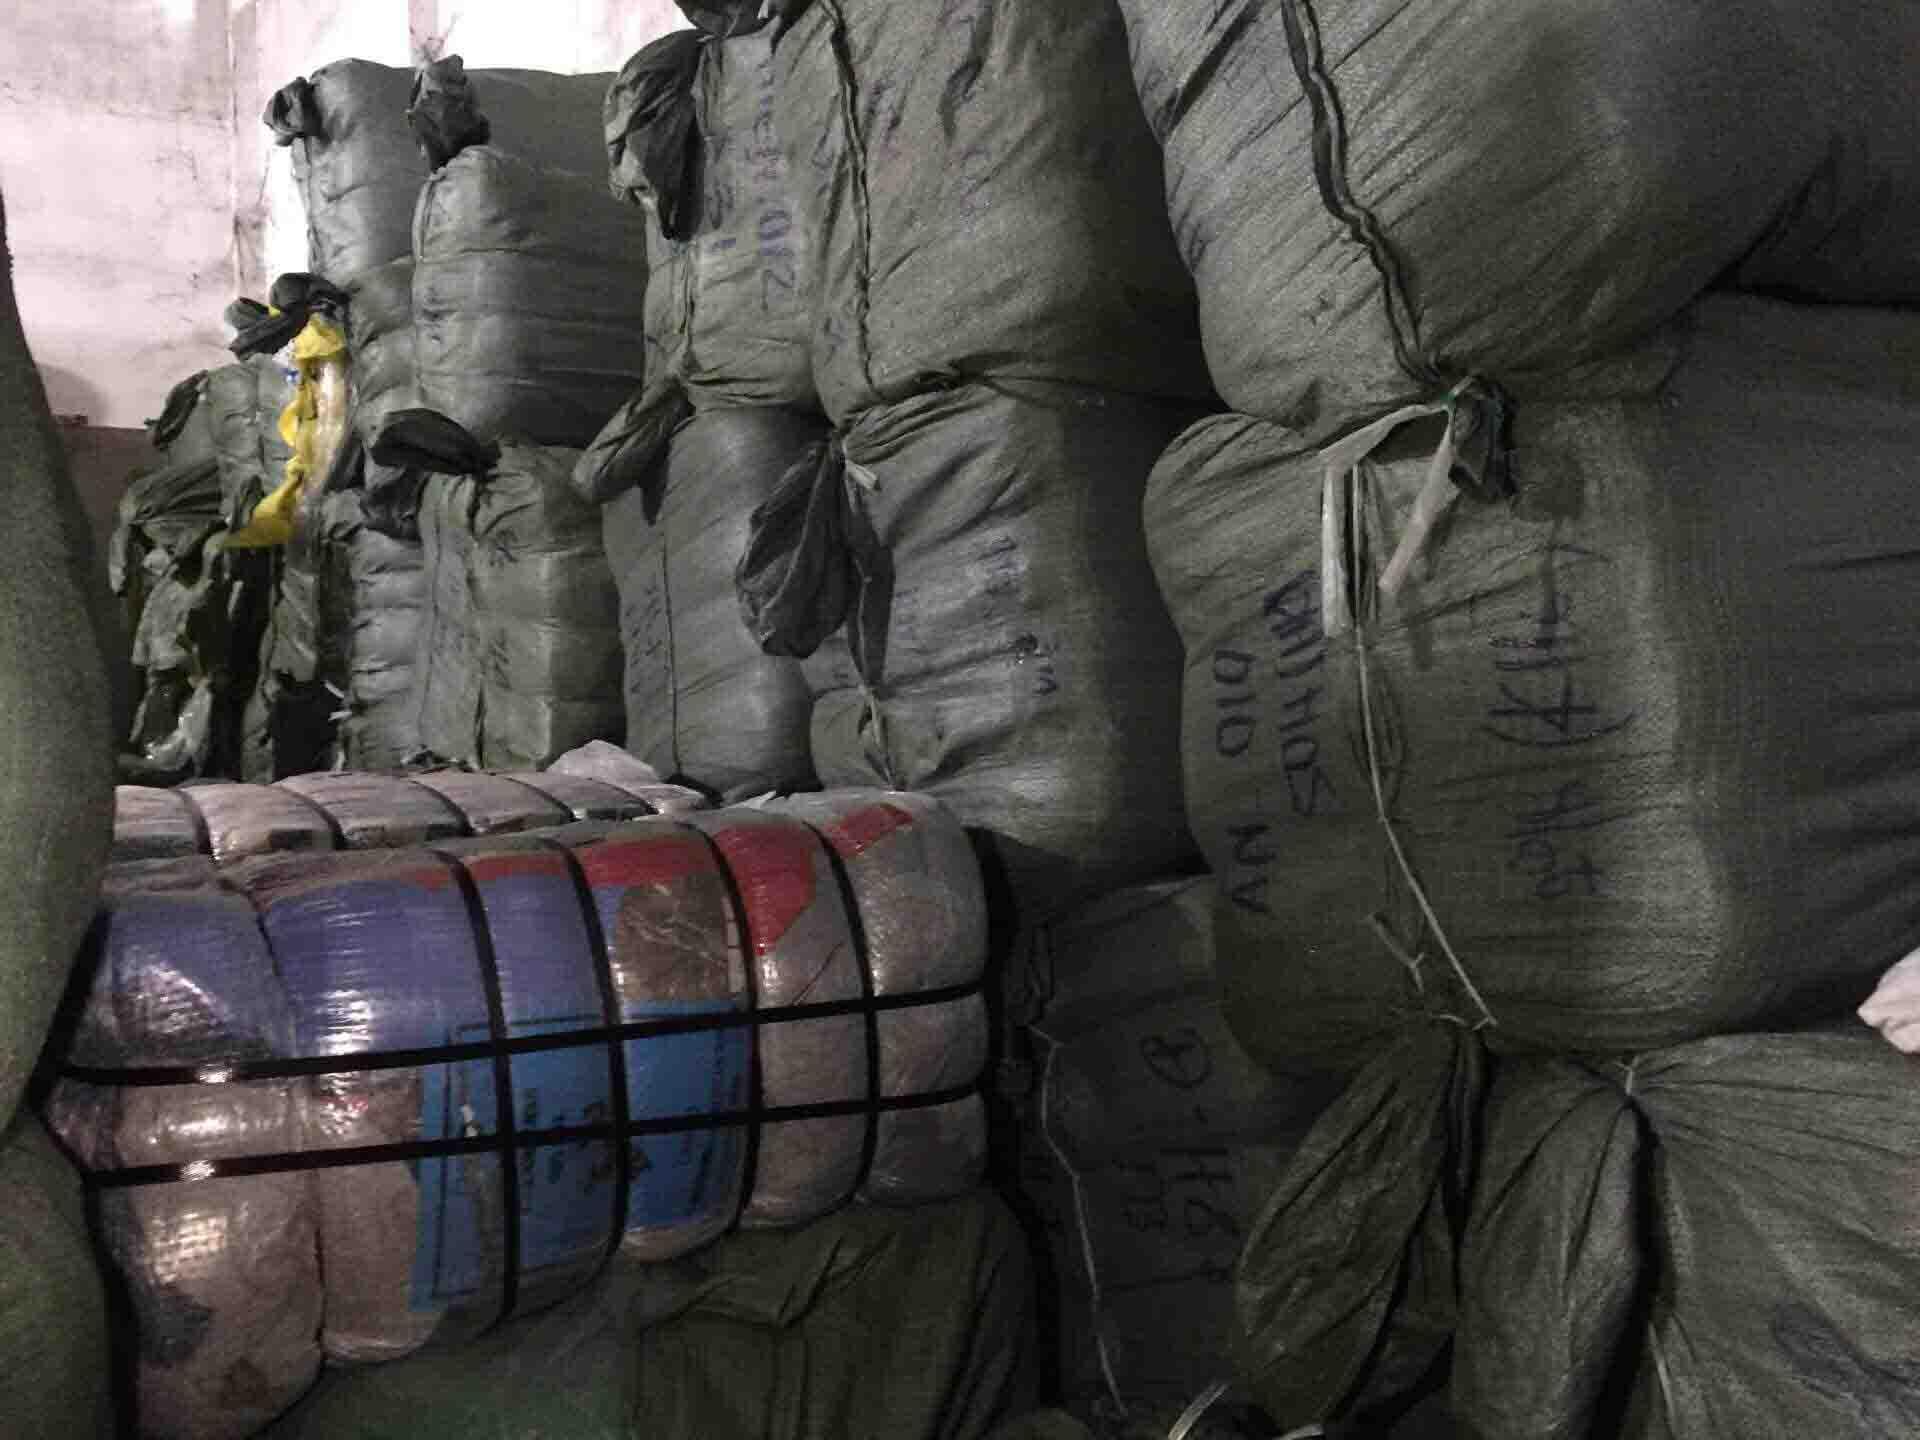 Với các nước có nền sản xuất top đầu như Nhật và Hàn thì họ có nhiều chất liệu vải mới lạ hơn Việt Nam rất nhiều